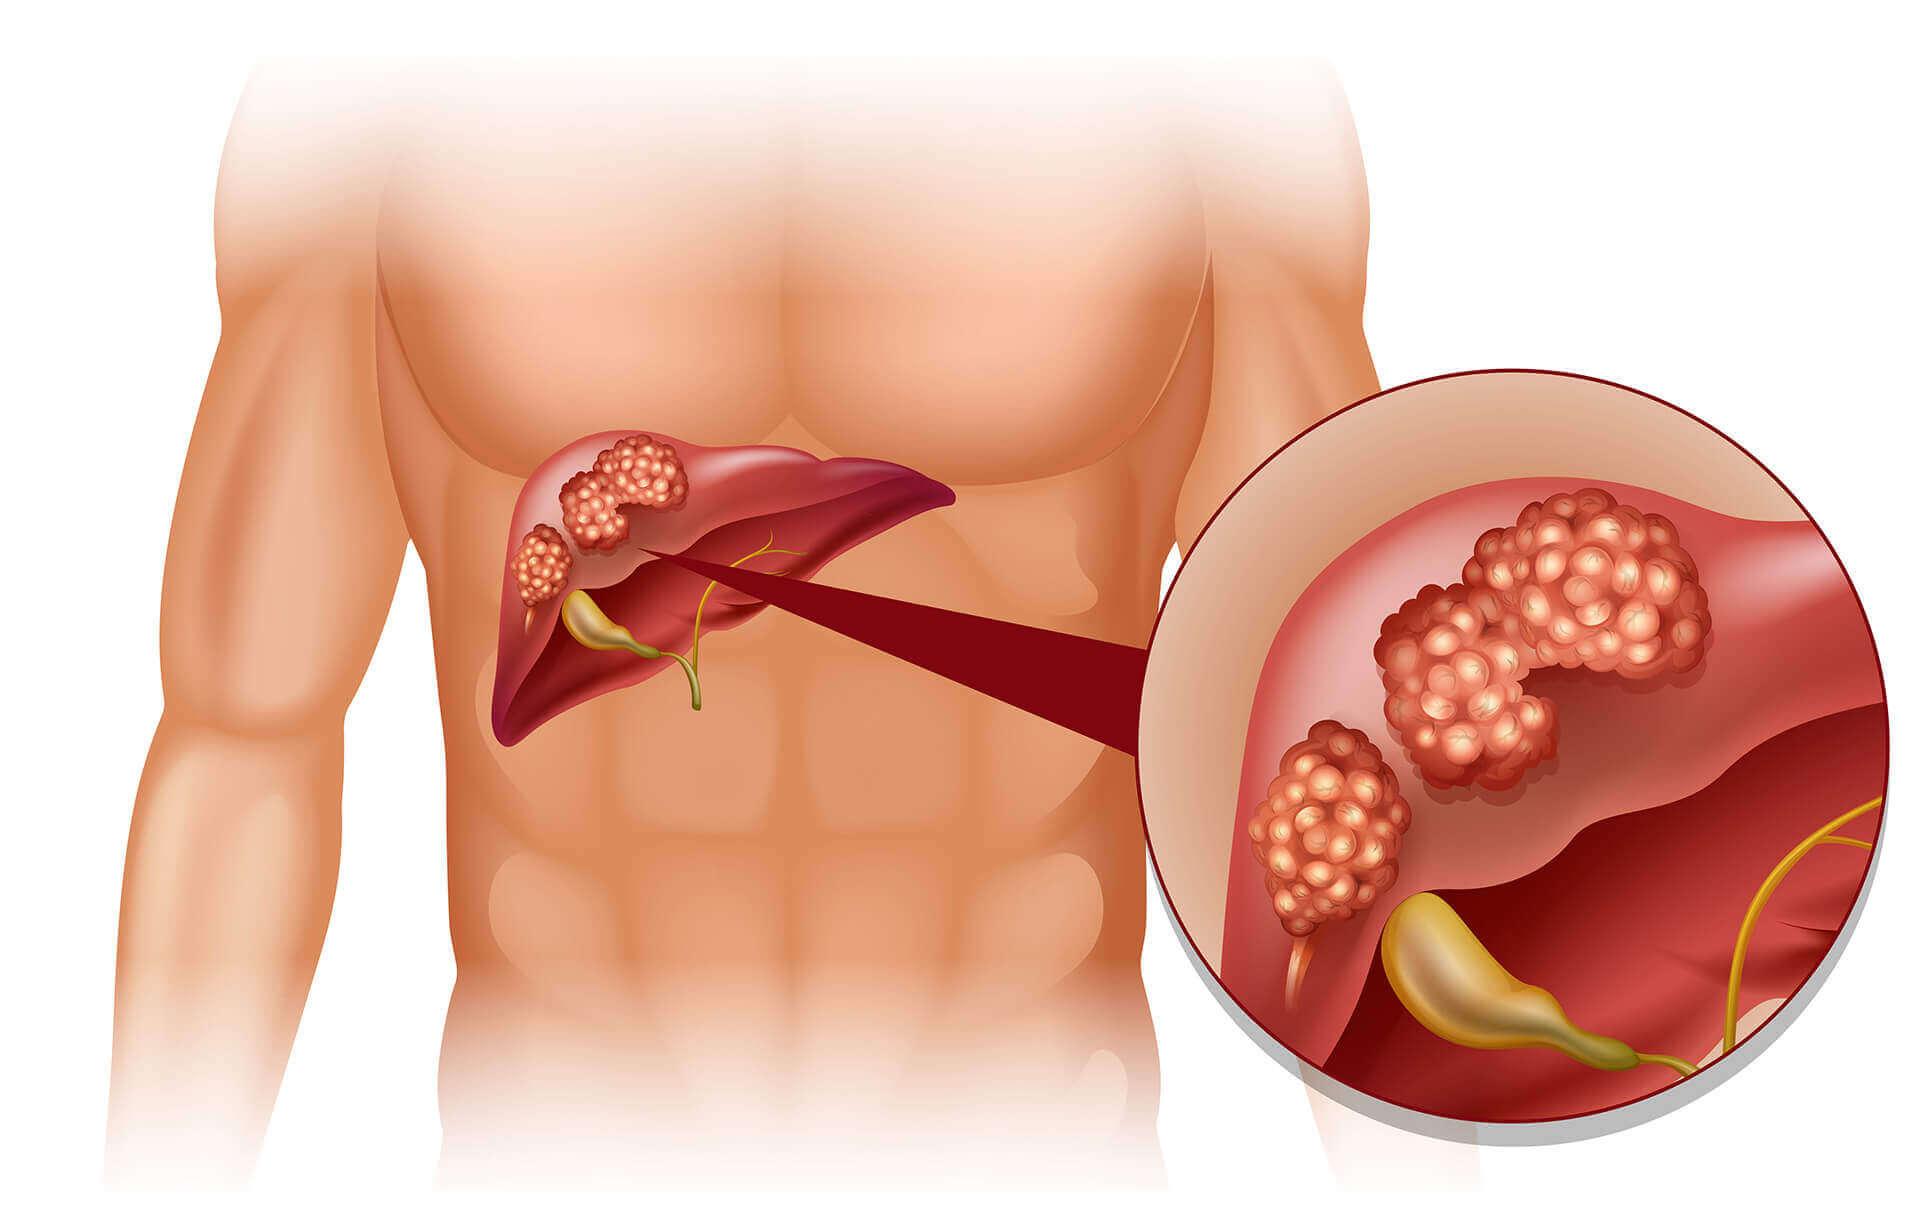 Hepatitis B (Jaundice)